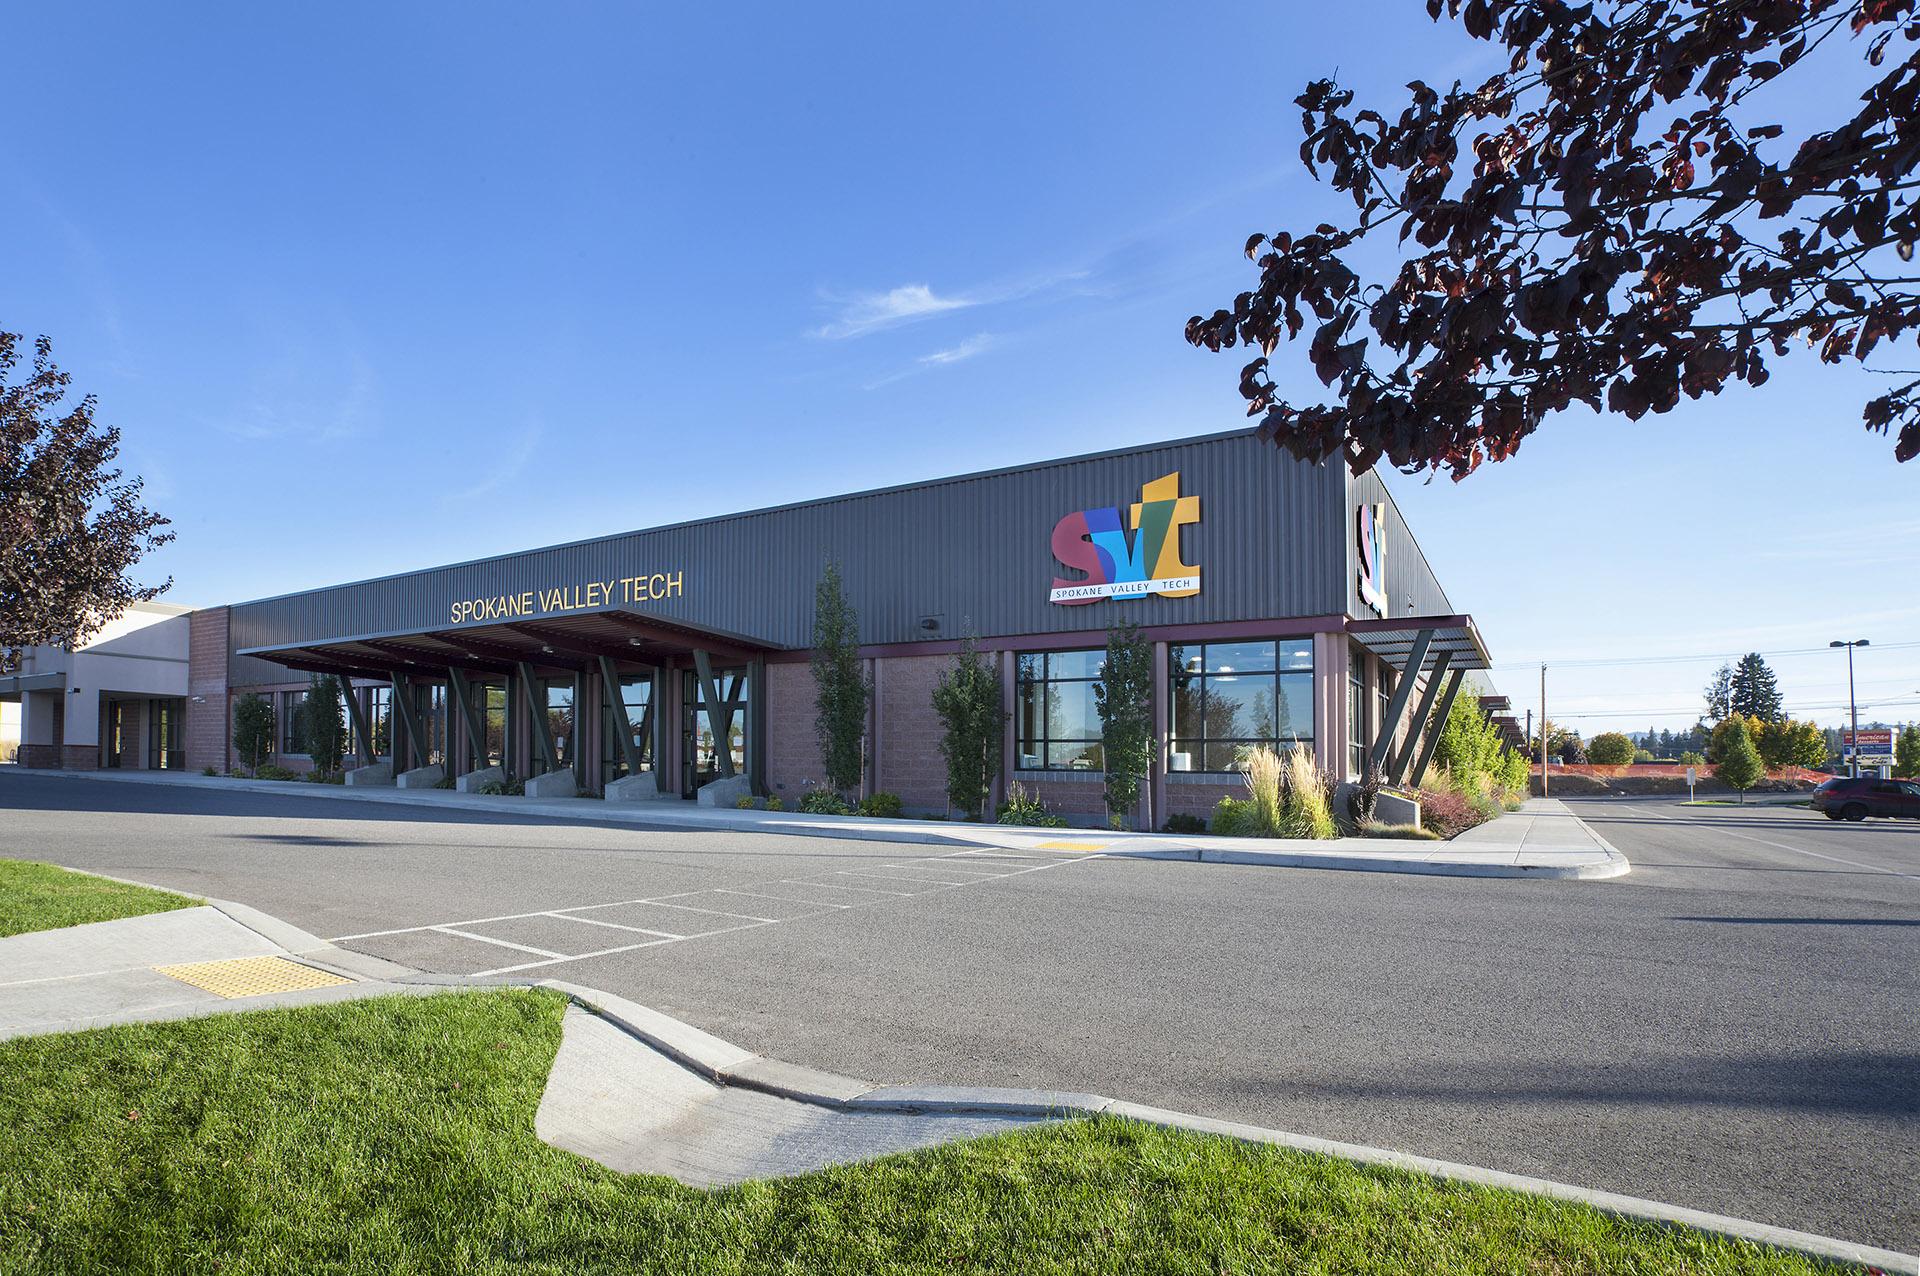 Spokane Valley Tech Exterior